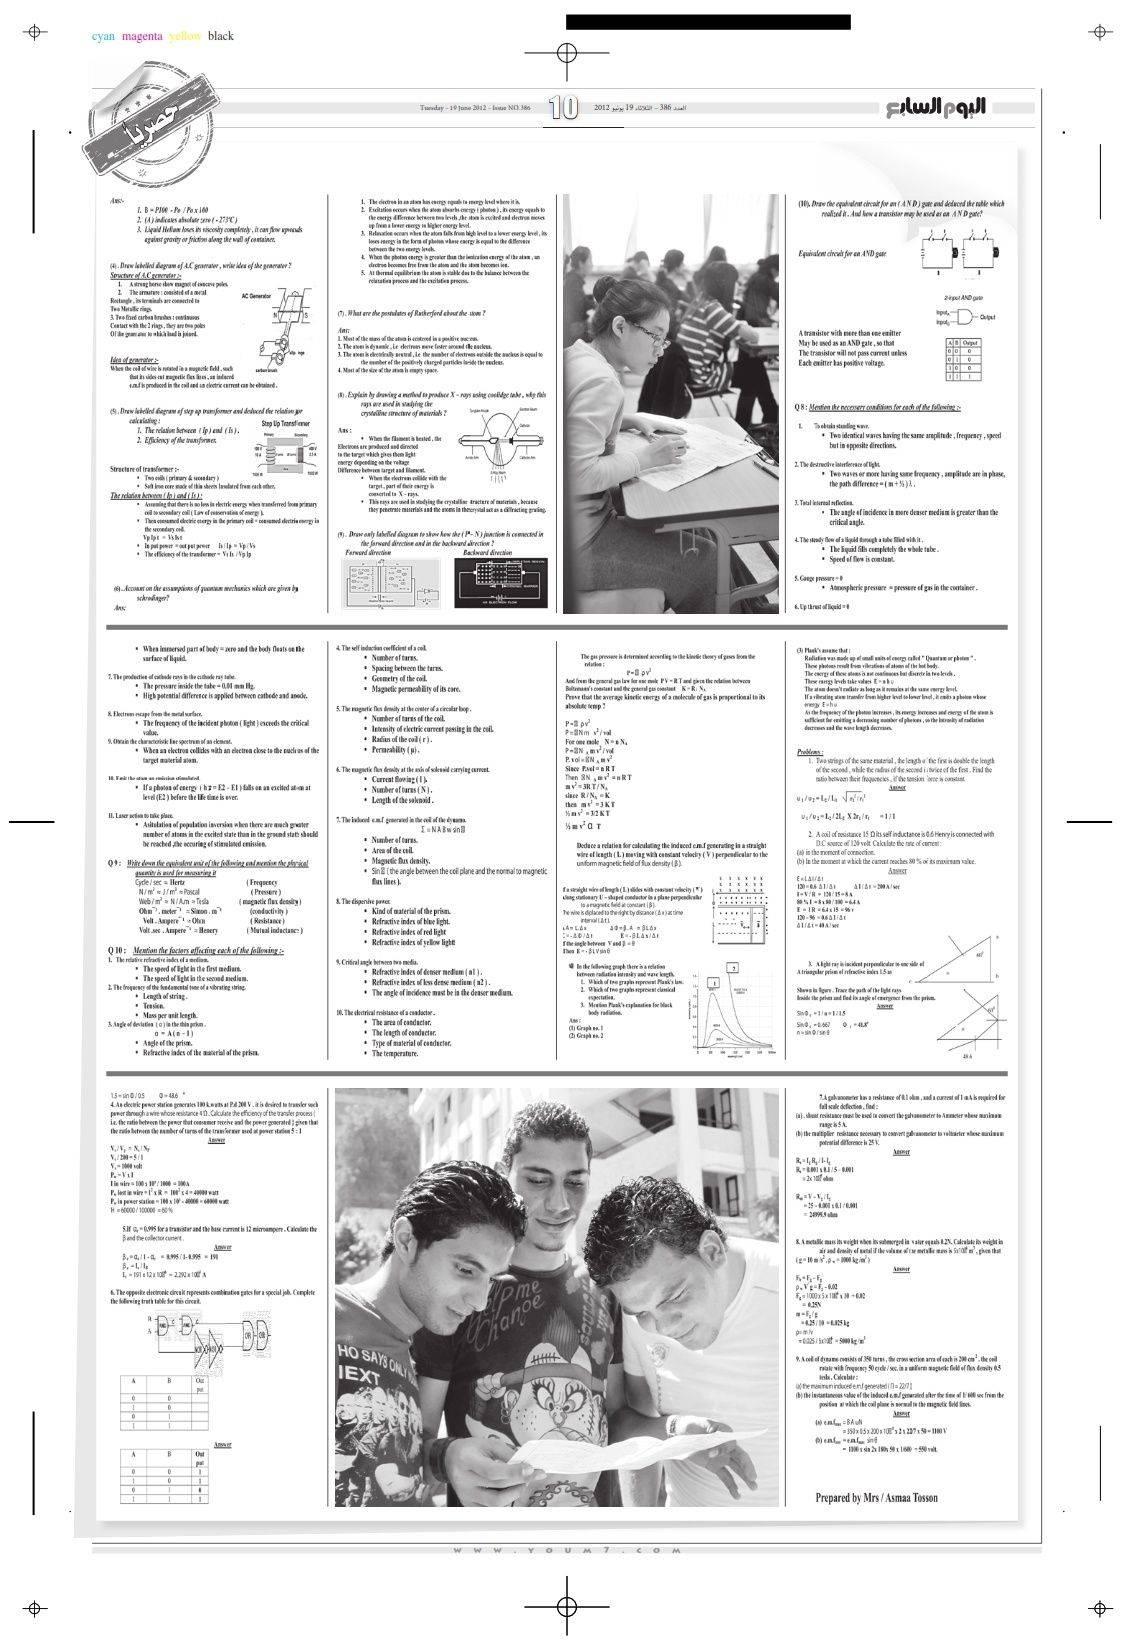 المراجعة النهائية لمنهج الفيزياء لغات للمرحلة الثانية من ملحق اليوم السابع عدد19يونيو2012 Fazya110